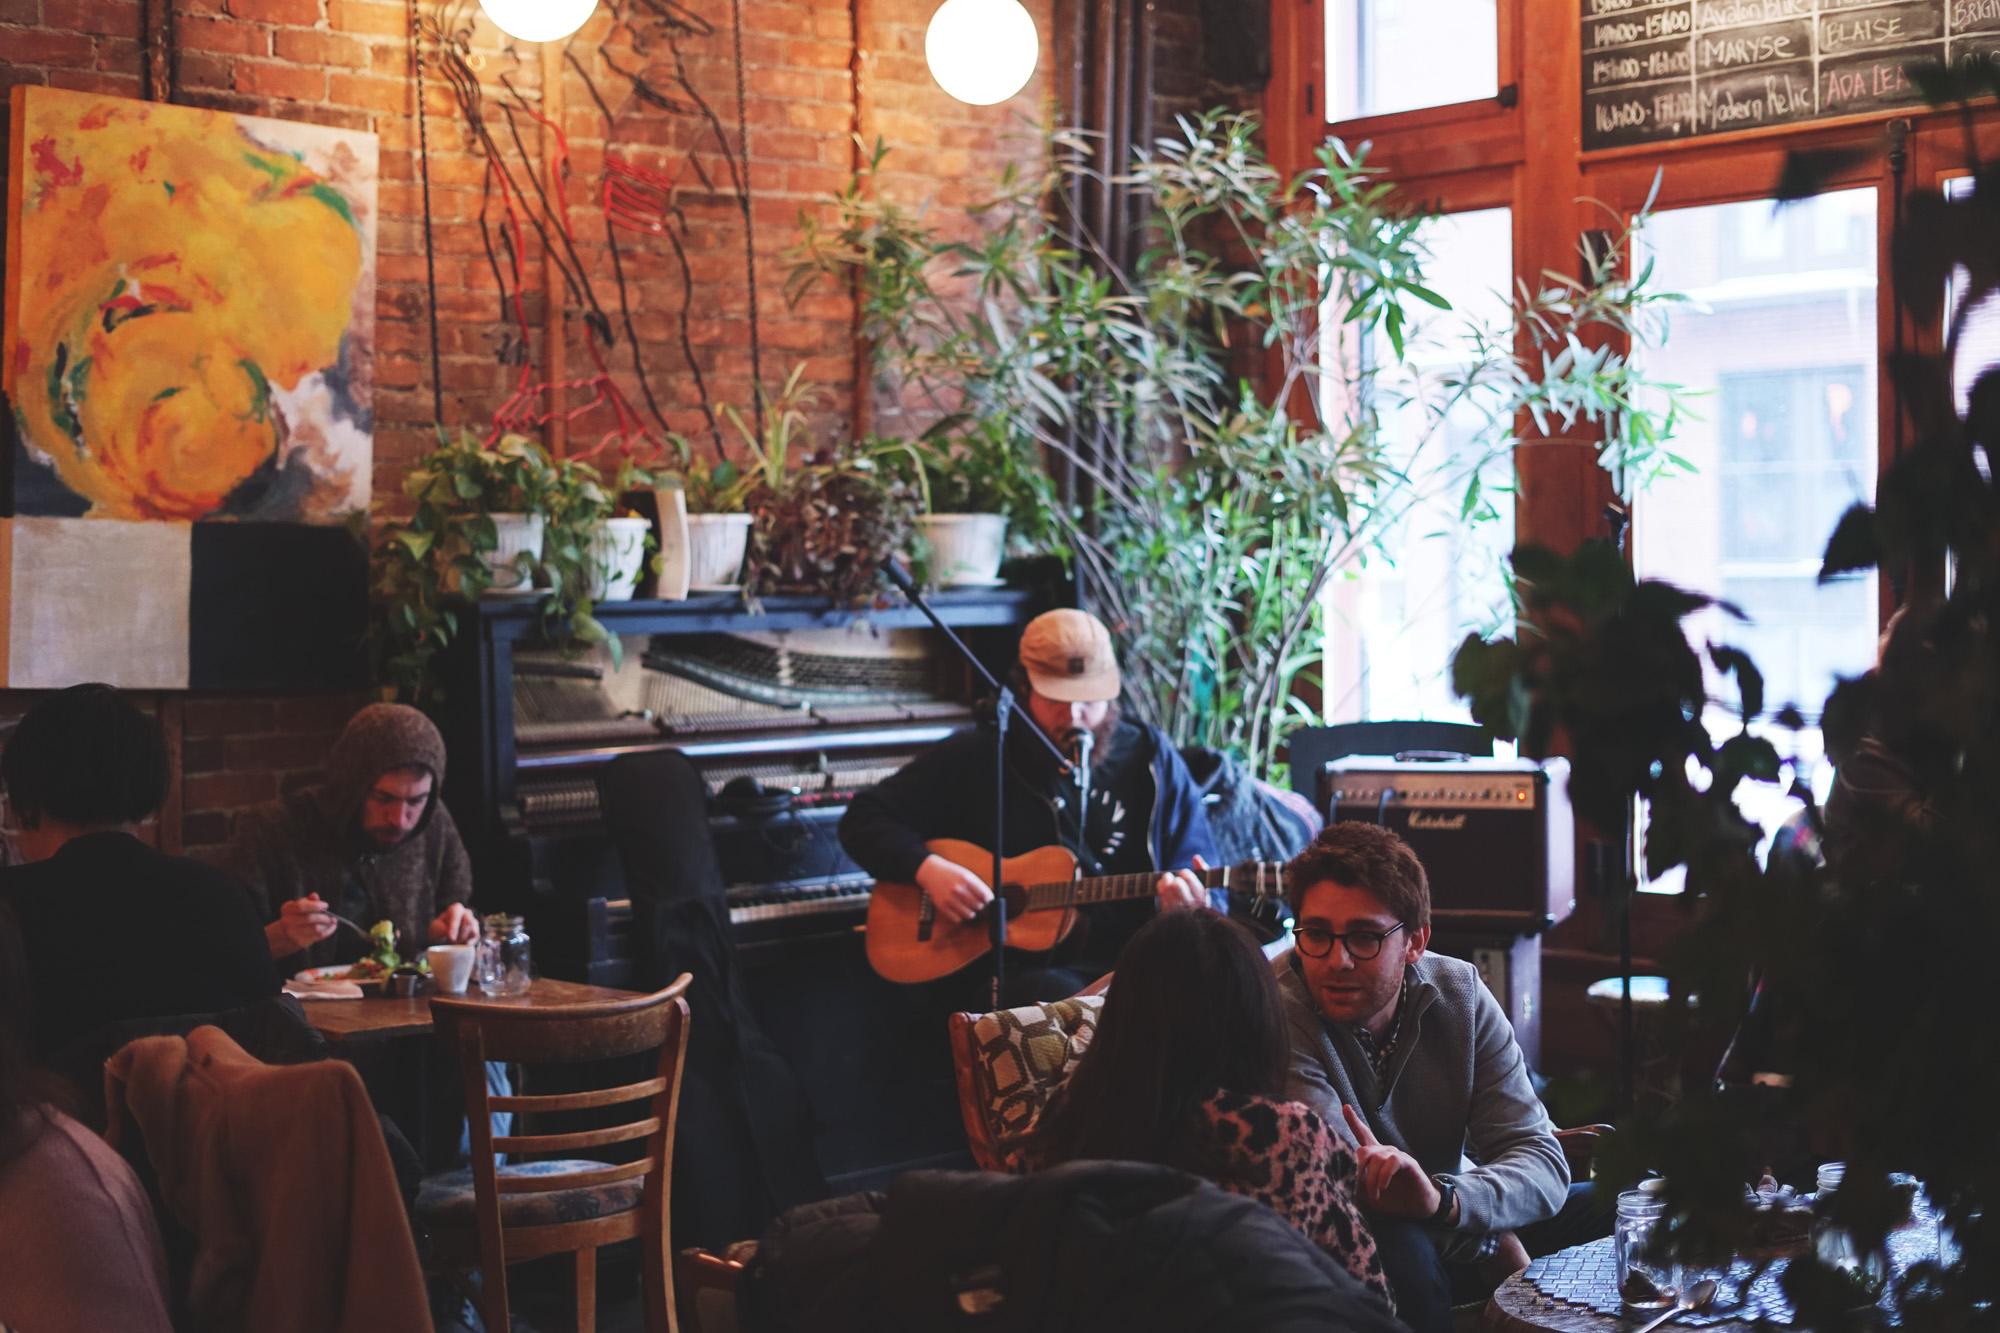 Local, live music performances at Le Dépanneur Café on a cold, Saturday afternoon.